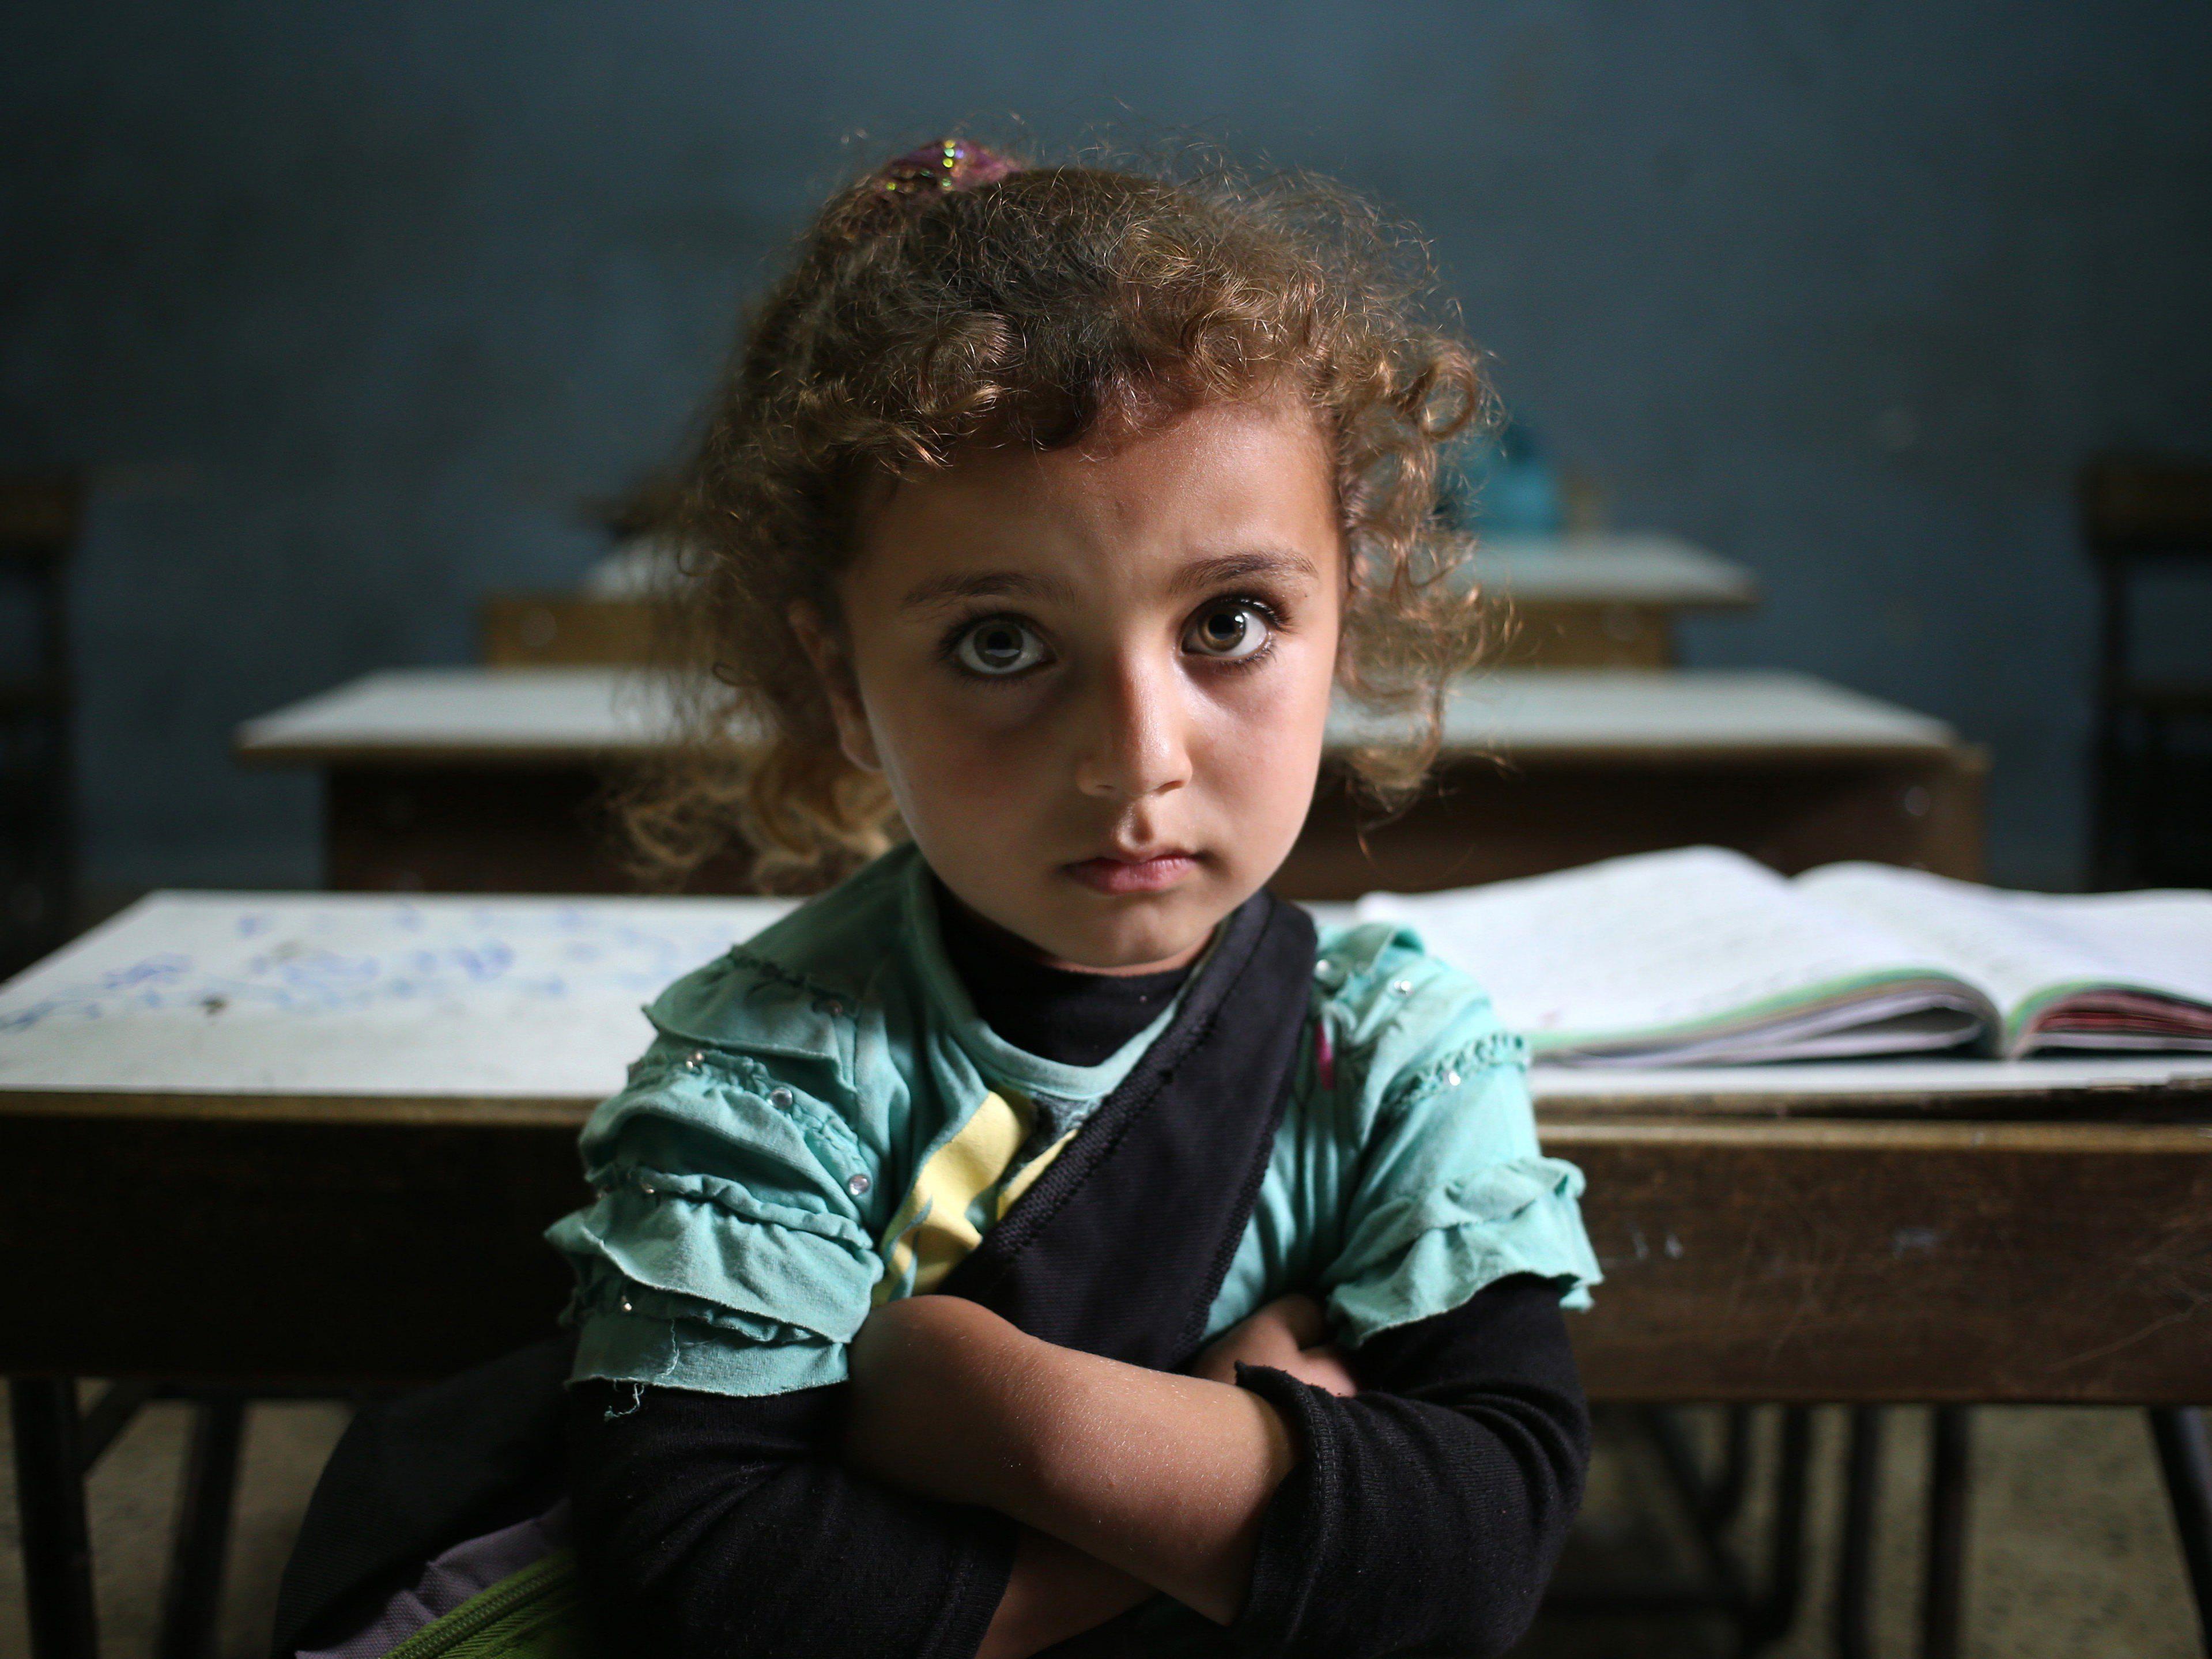 Stoisits gegen eigene Klassen für Flüchtlingskinder.